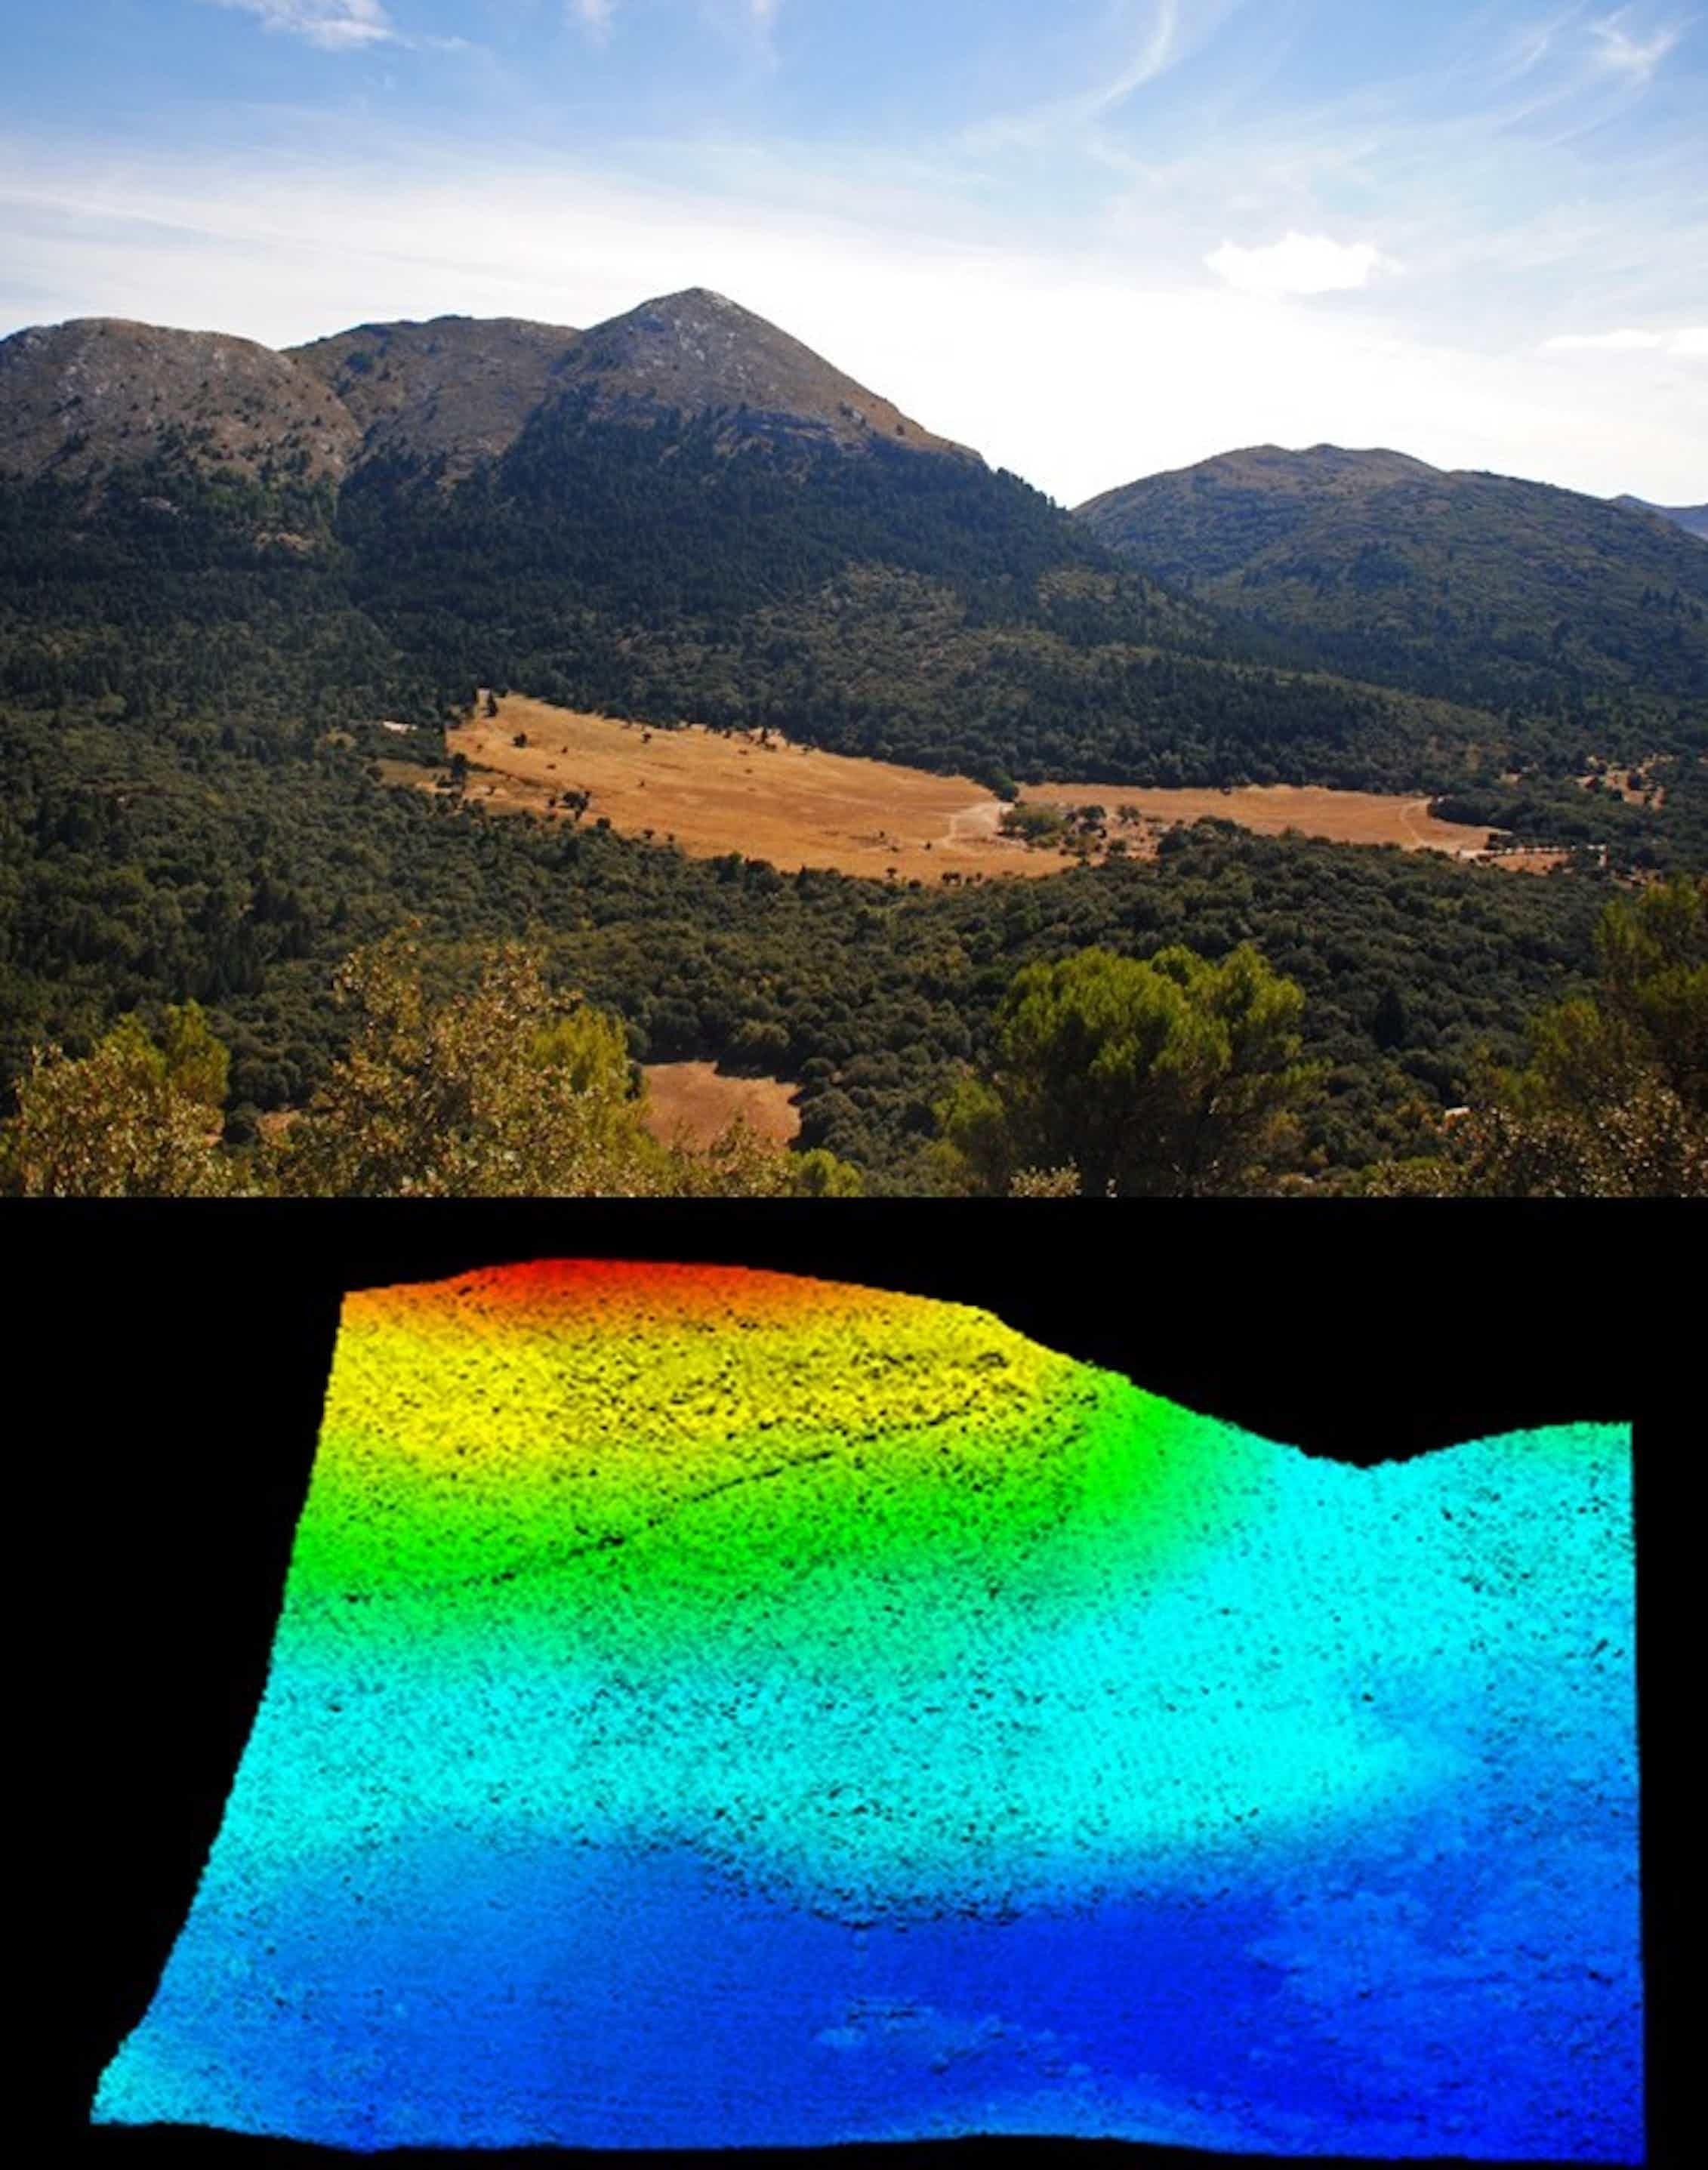 Pinsapar de la Nava en el Parque de la Sierra de las Nieves y modelización mediante nube de puntos obtenida con lidar.Álvaro Cortés Molino,Author provided